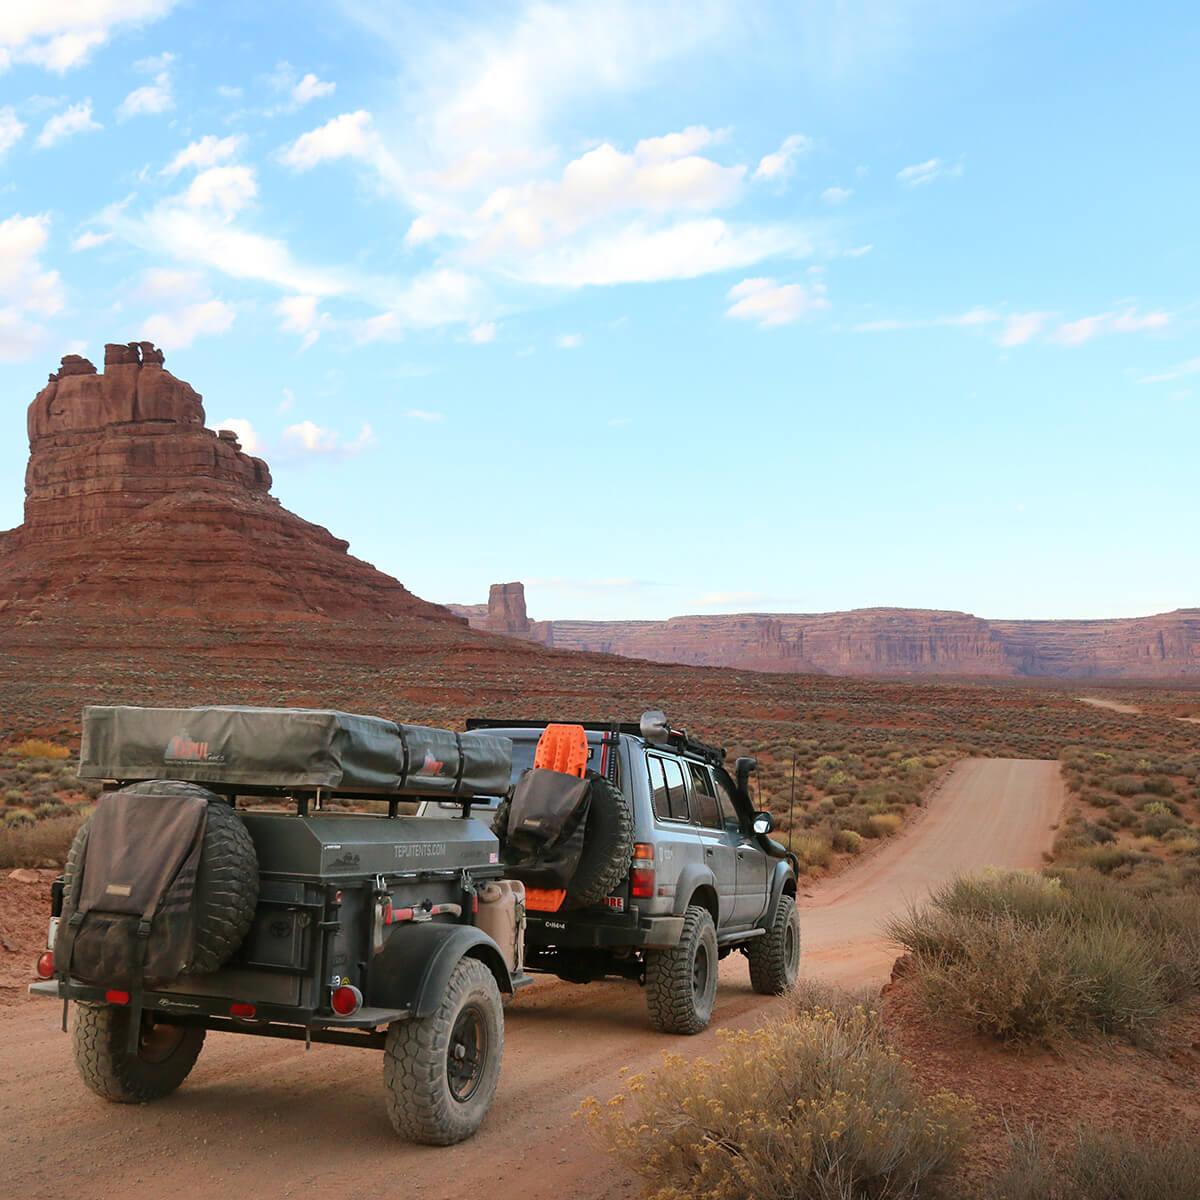 Overland travel trailer